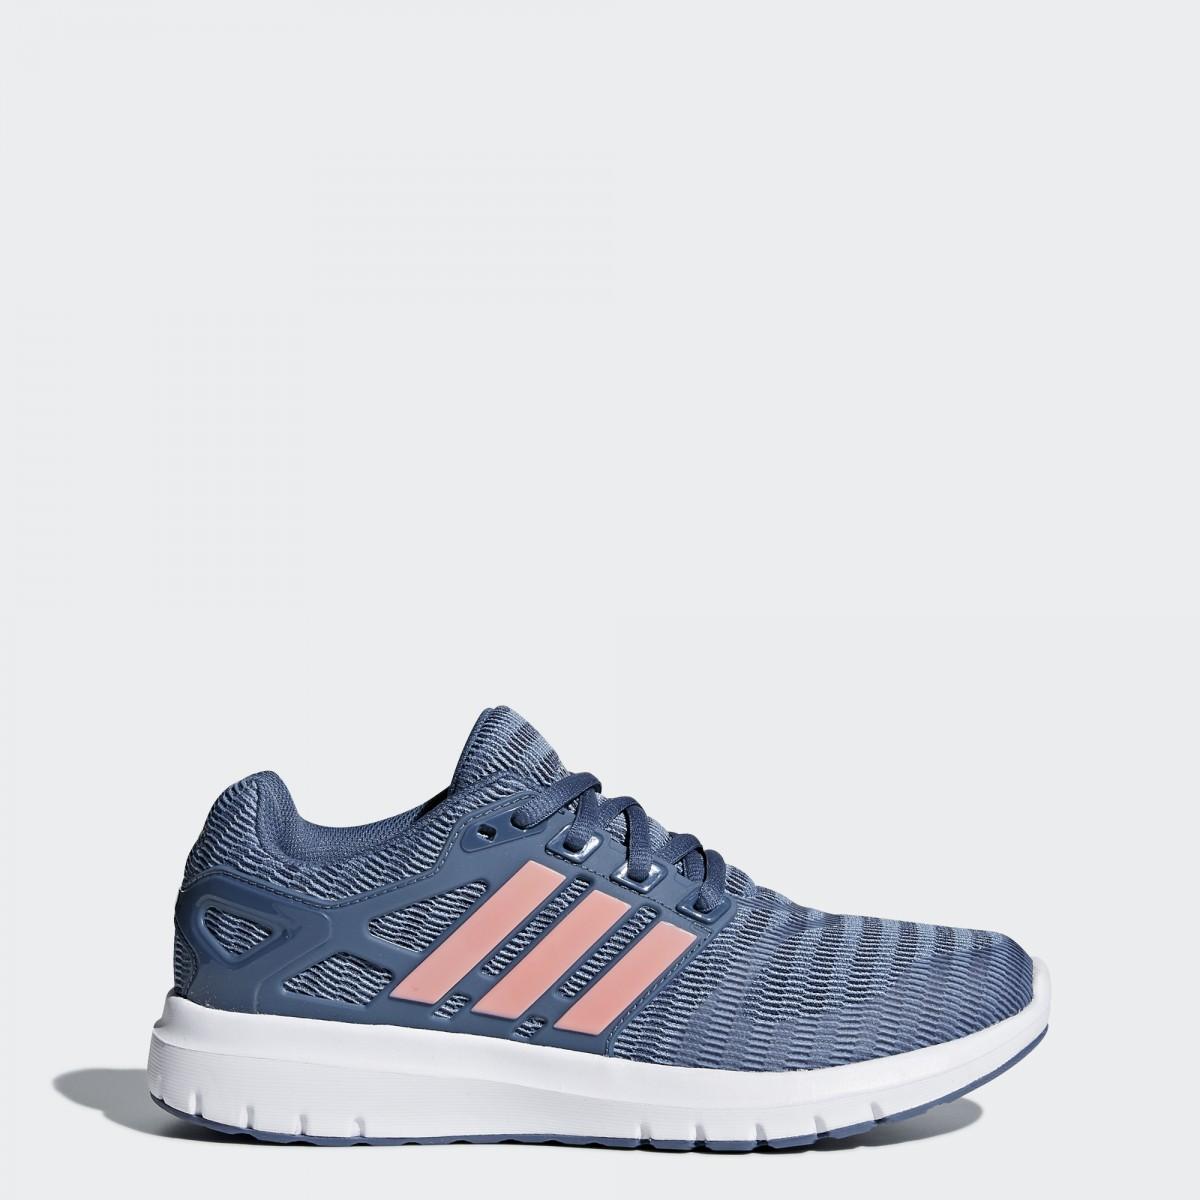 Lumut Shope Shop Line Sepatu Adidas Cloudfoam Woman Energy Cloud V Shoes